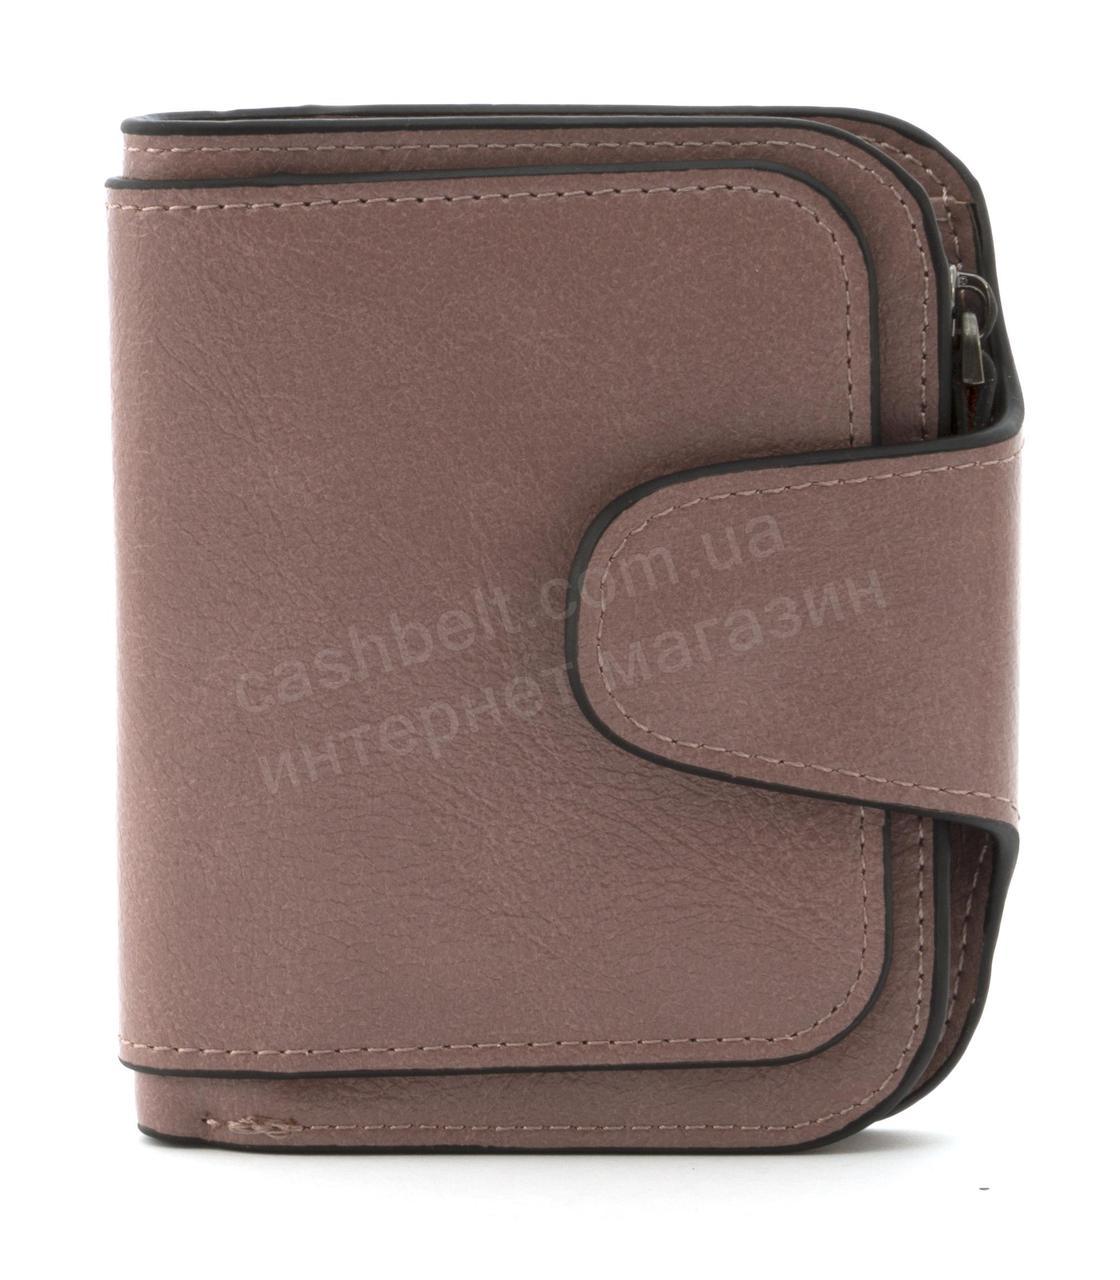 Женский компактный многофункциональный вместительный кошелек FUERDANNIart. 845сиреневый